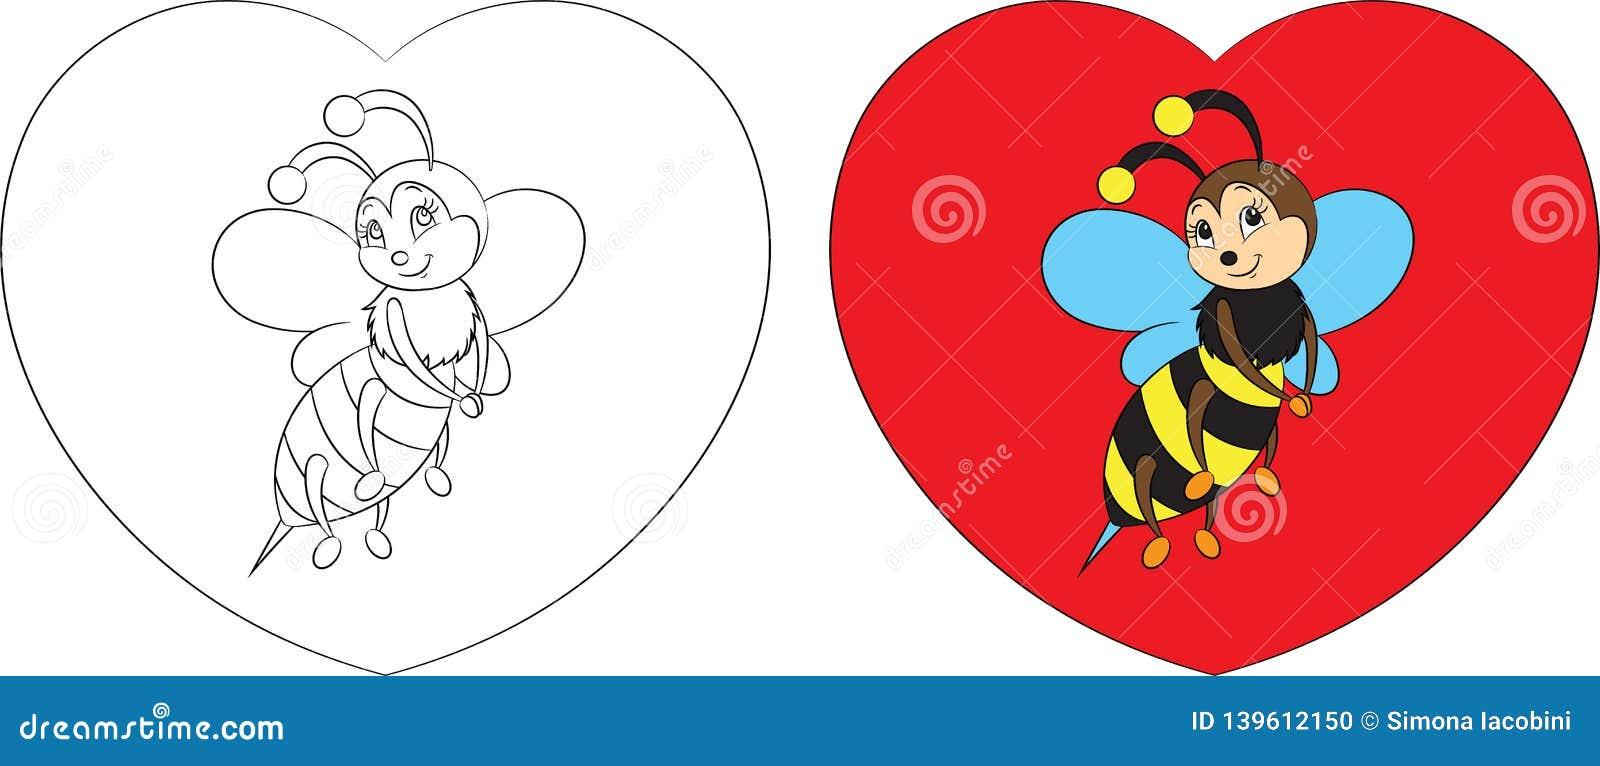 Före och efter färg- och konturkawaiiteckning av lite biet på en hjärta för barns kort för dag för färga bok eller valentin